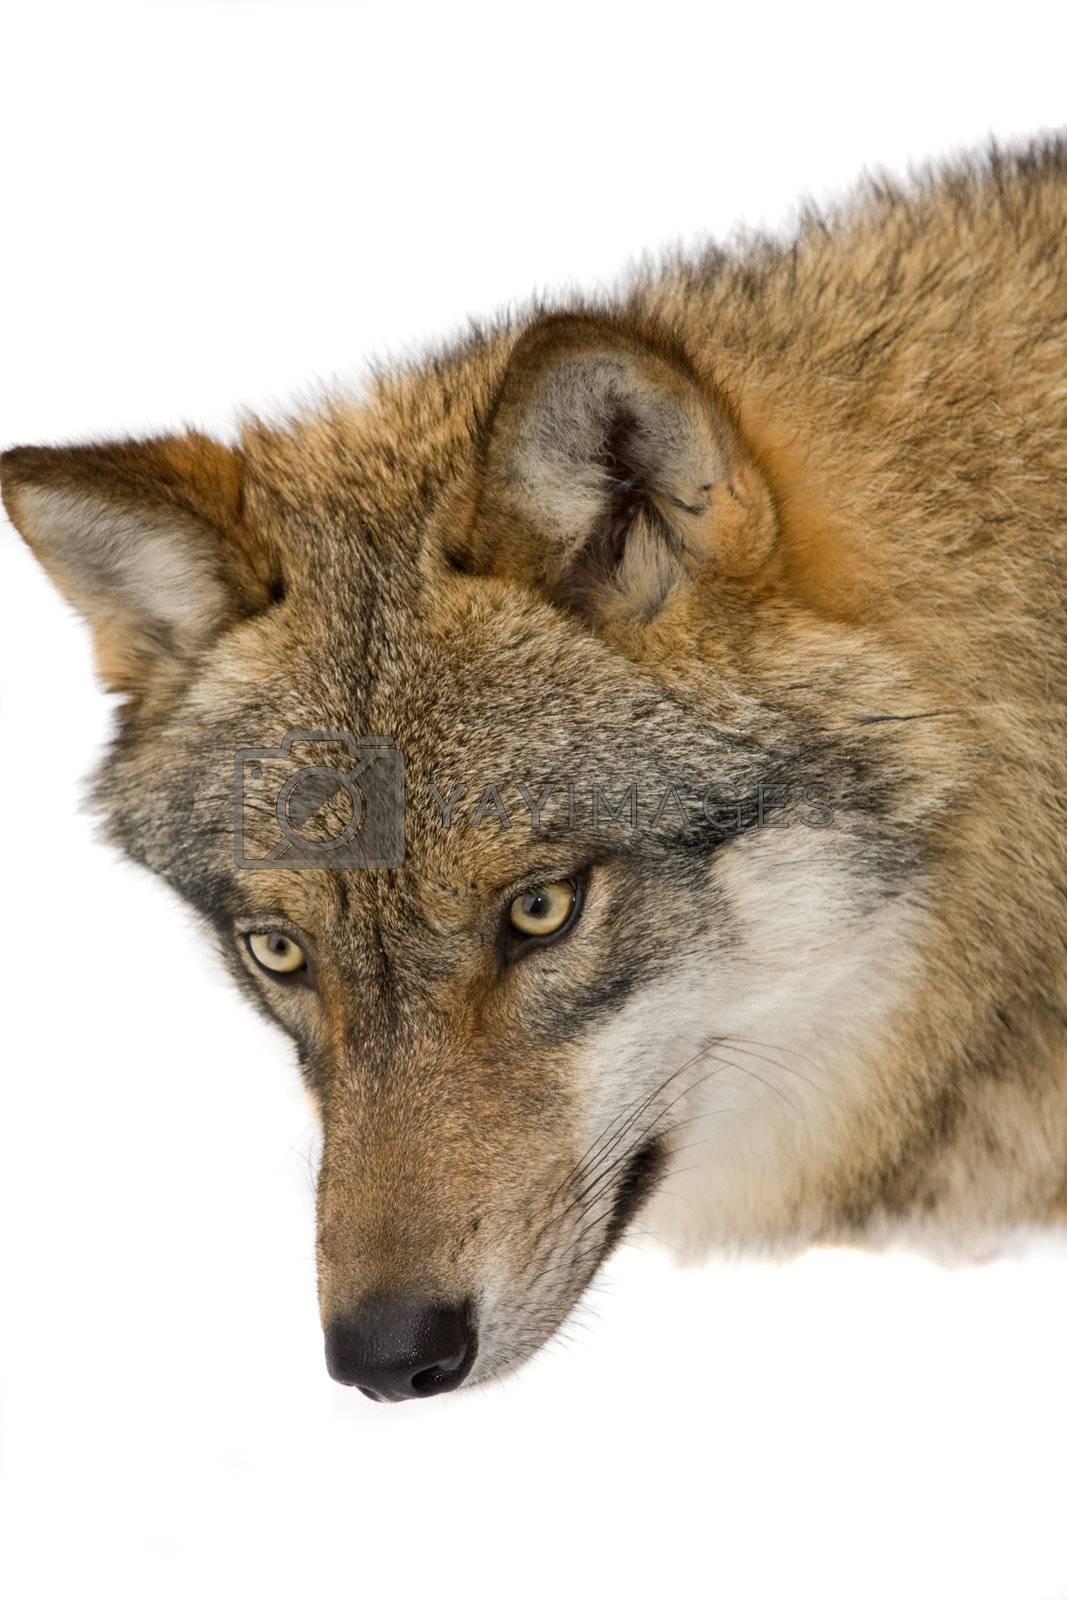 wild wolf in a forrest